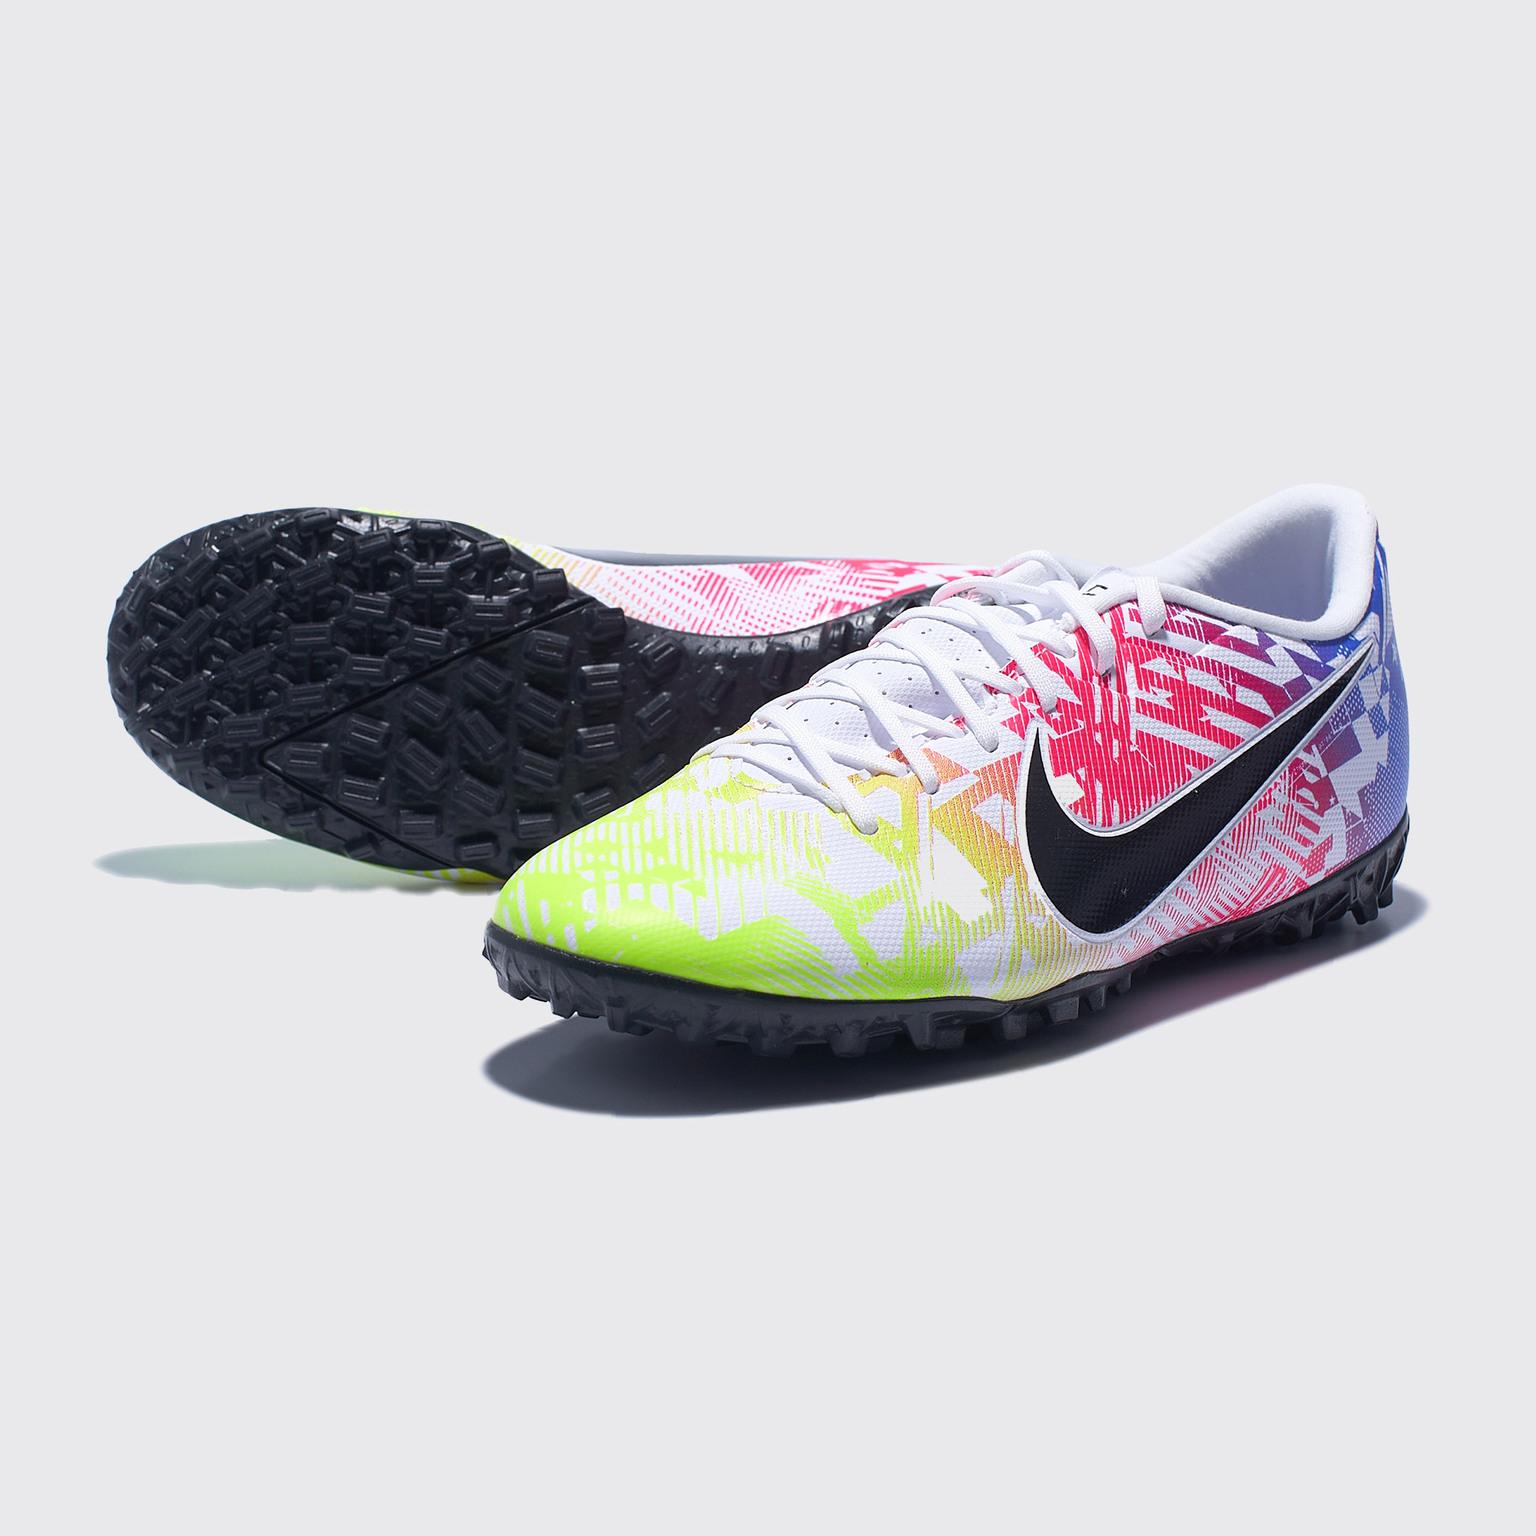 Фото - Шиповки Nike Vapor 13 Academy Neymar TF AT7995-104 шиповки детские nike vapor 13 academy neymar tf at8144 104